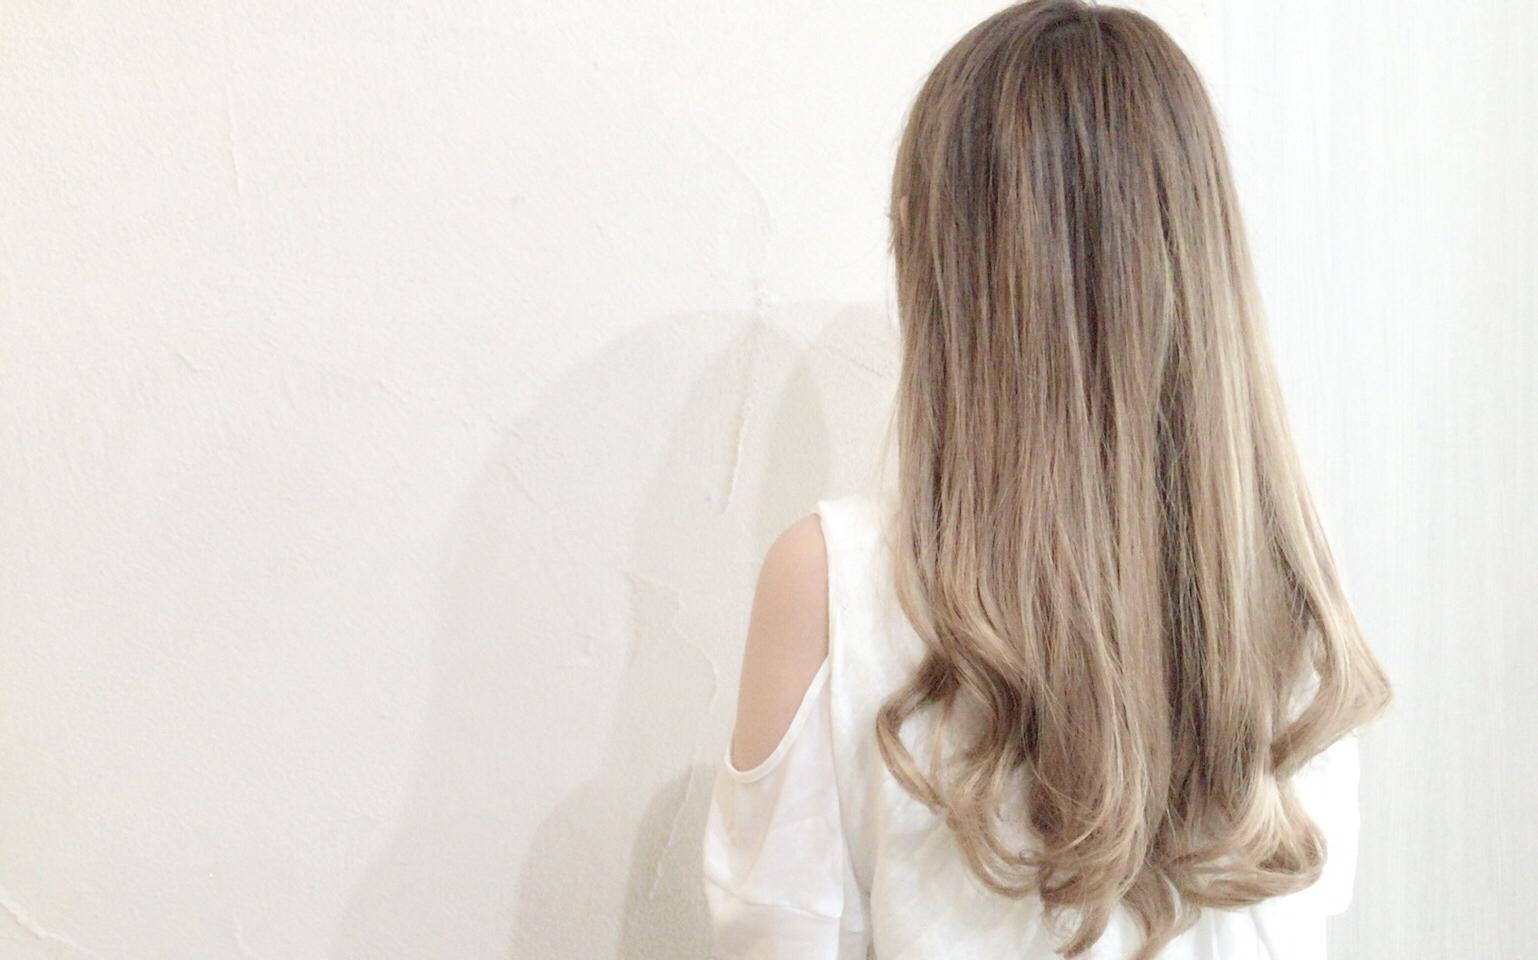 #秋にオススメな髪色 ブリーチを使ったシアーグレーカラーまとめ